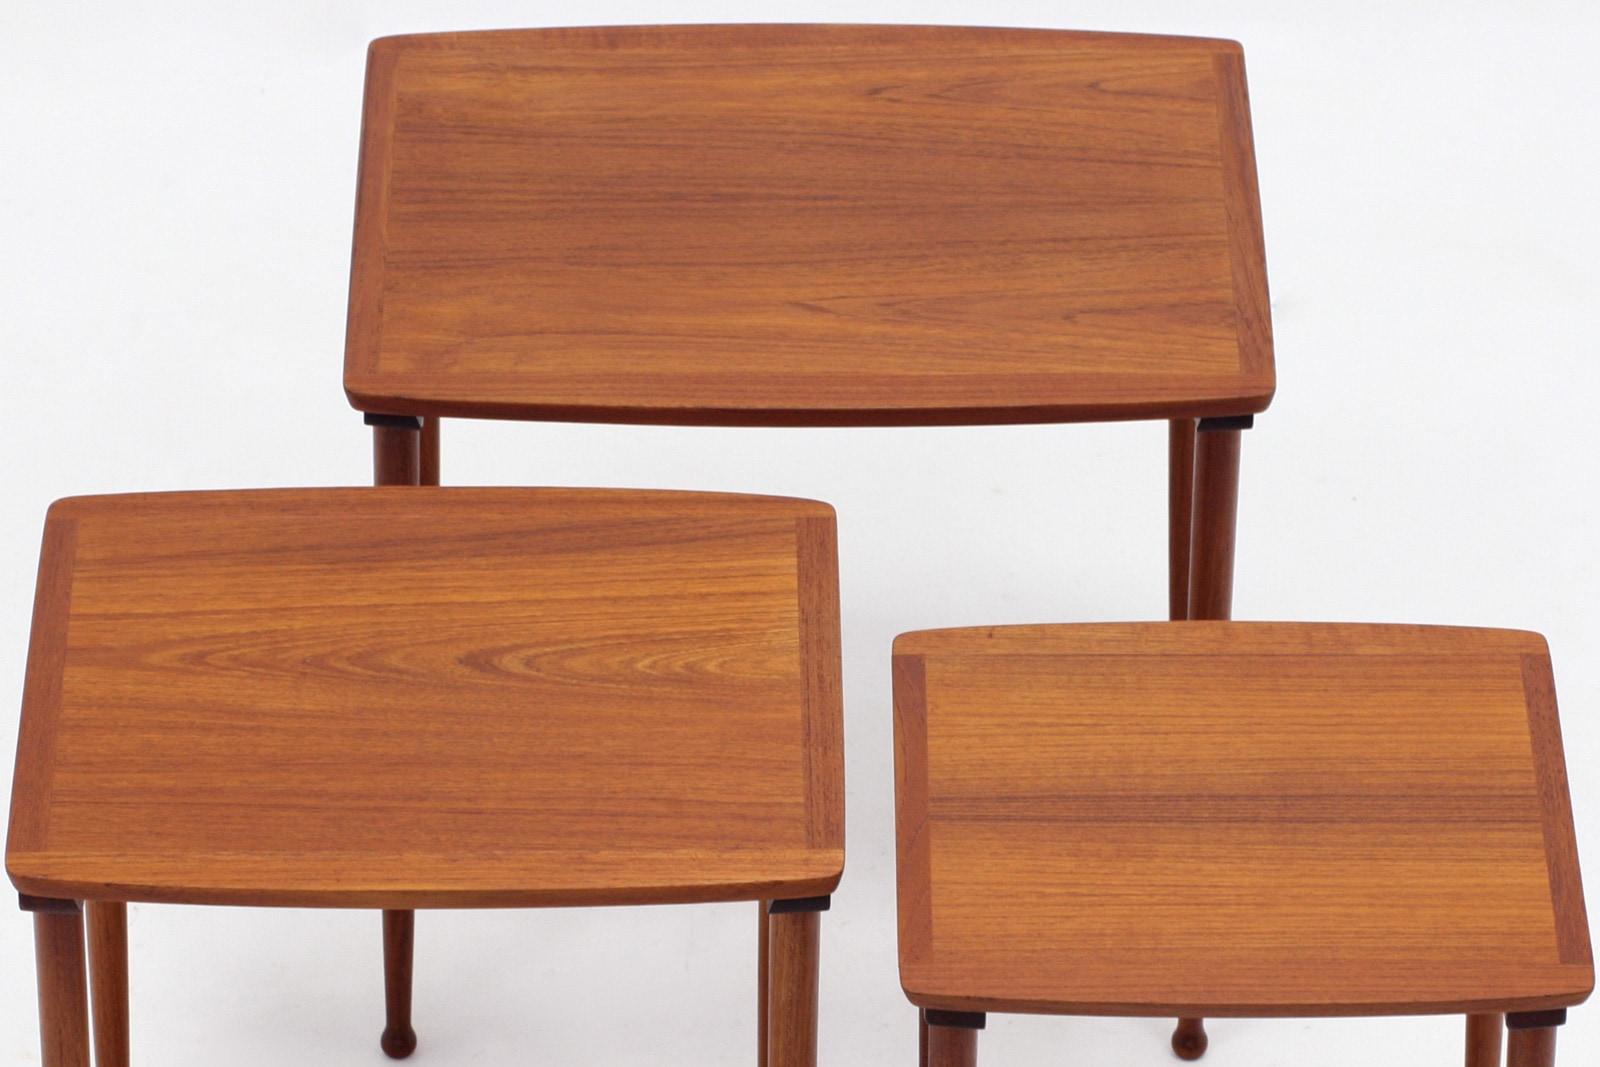 ネストテーブル,デンマーク,家具,Mobelintarsia